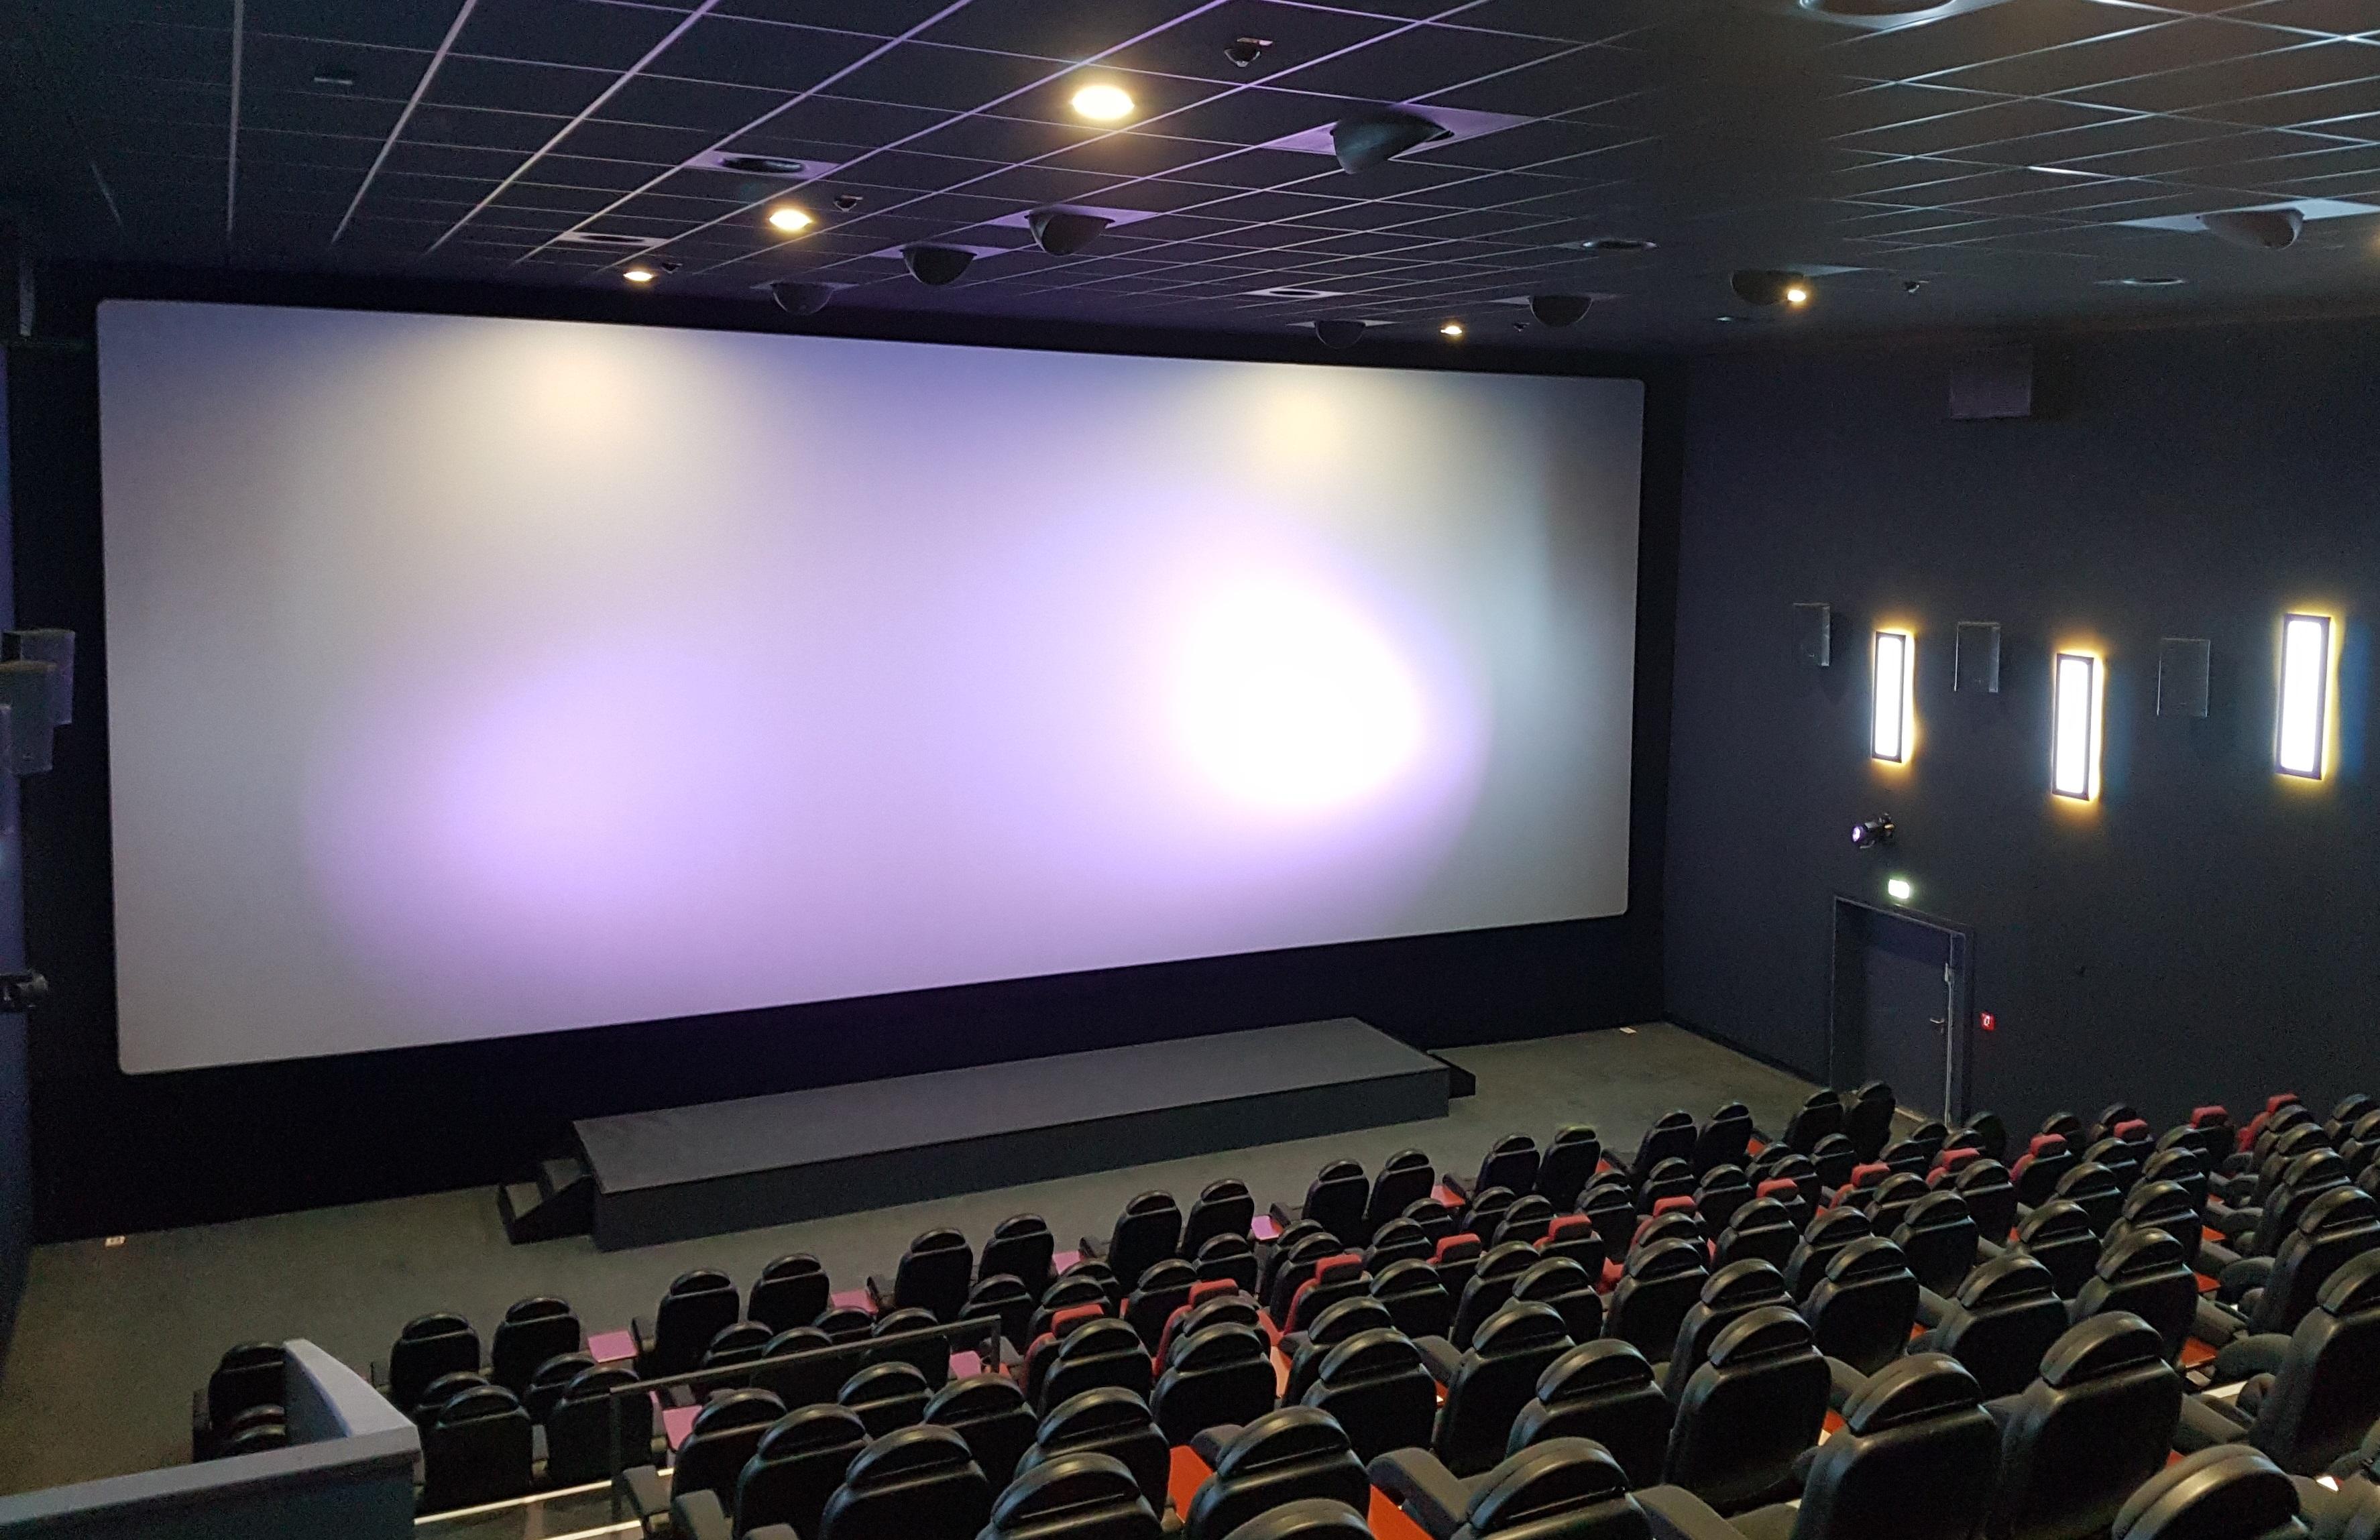 Kino Hall